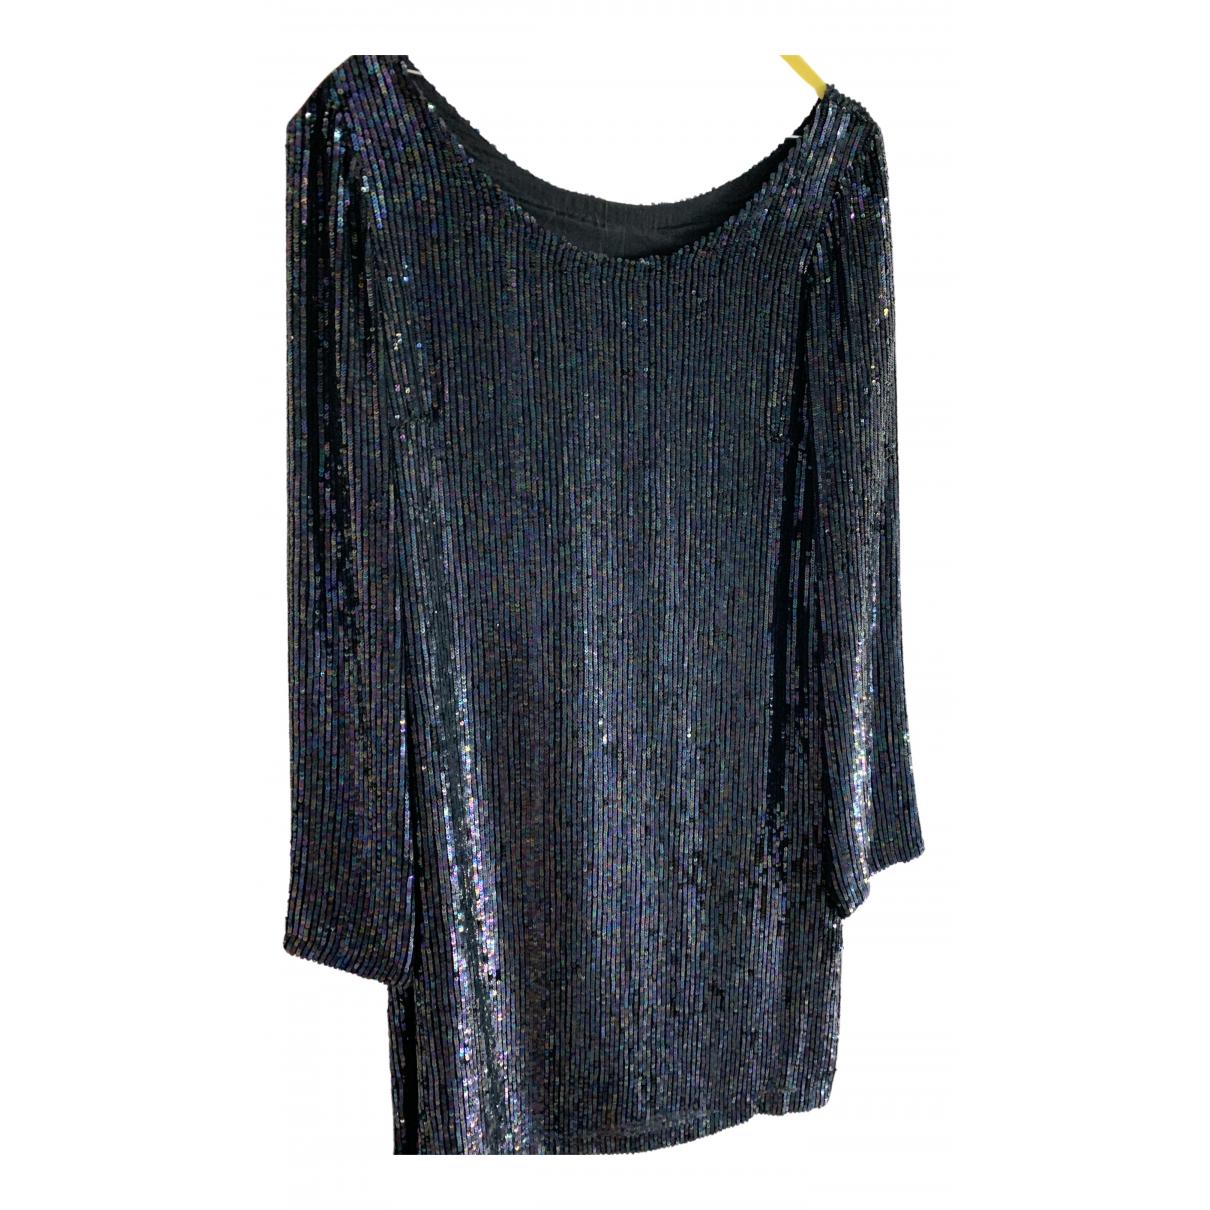 Parosh \N Kleid in  Blau Synthetik